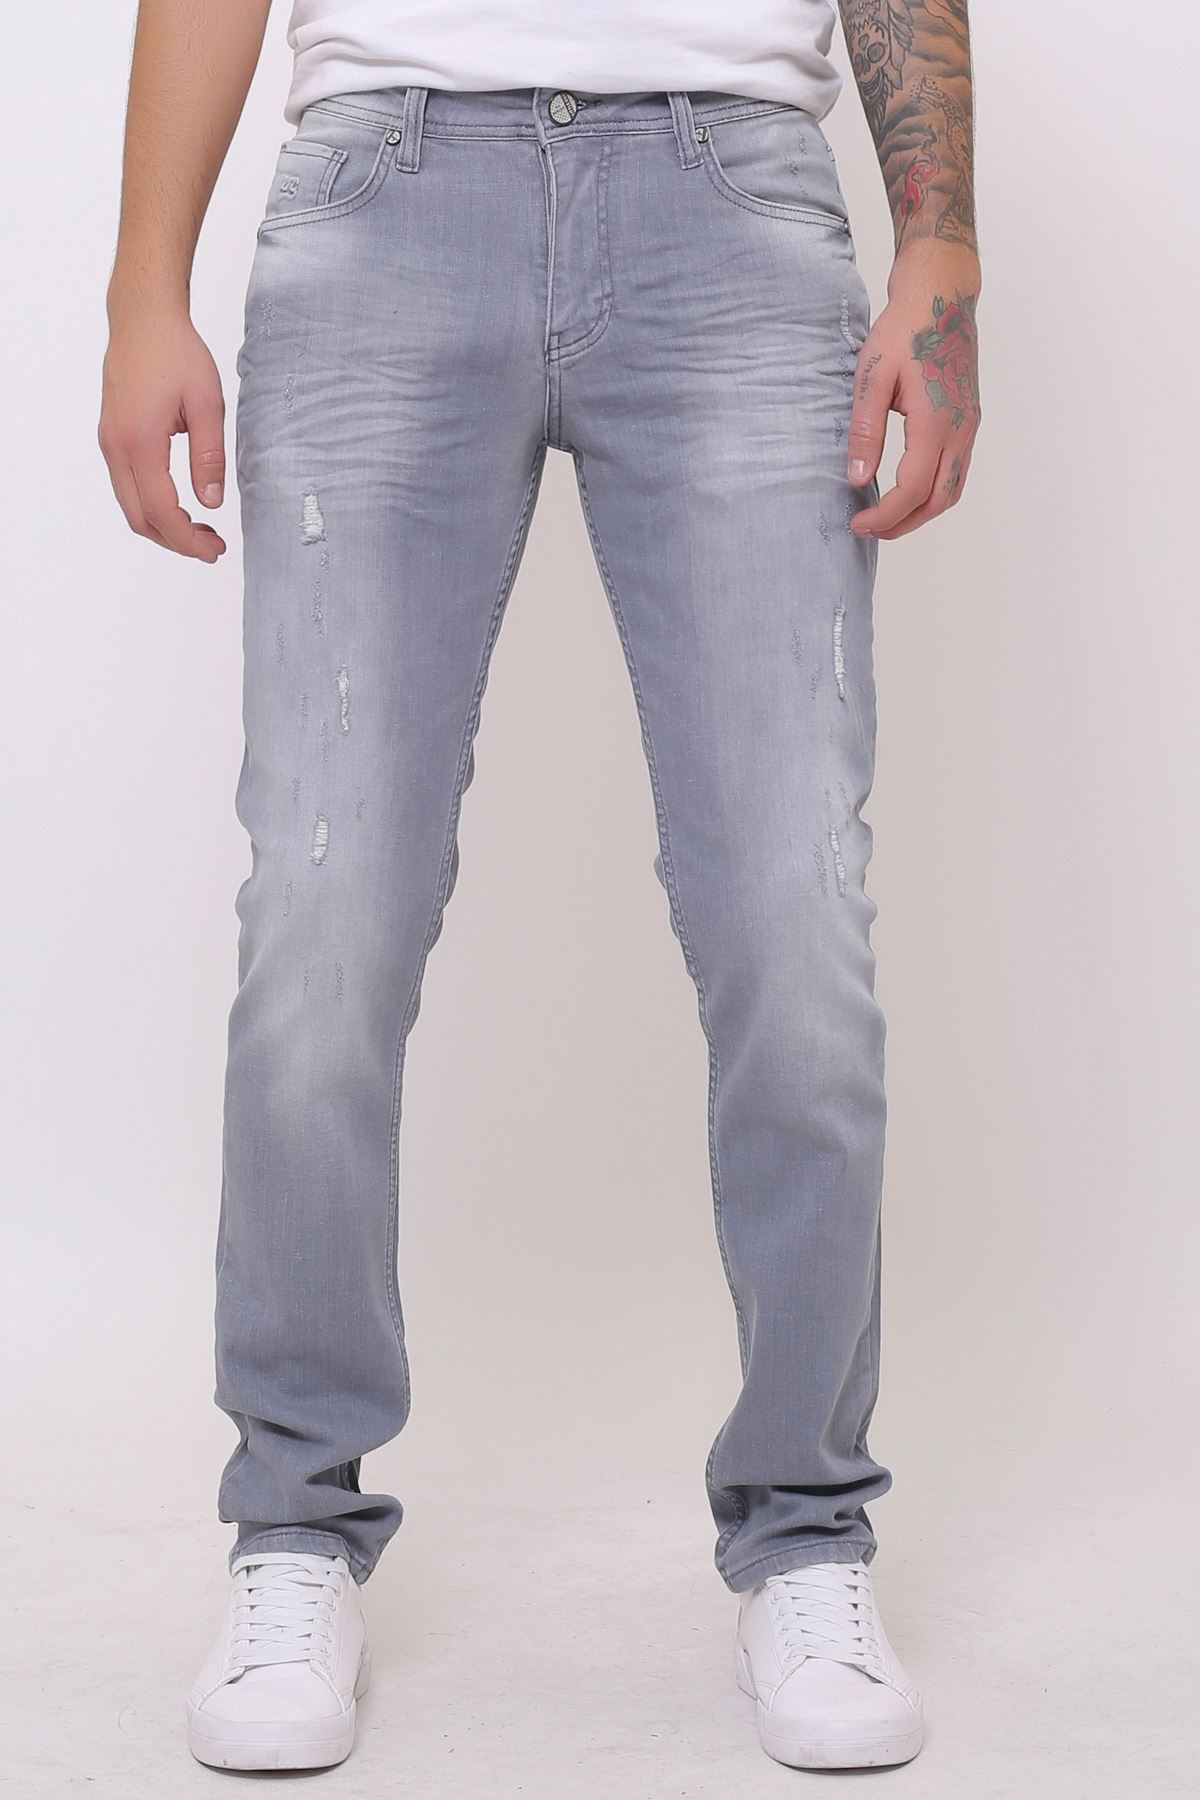 Yeni Koyu Gri Slim Fit Fermuarlı Erkek Jeans Pantolon